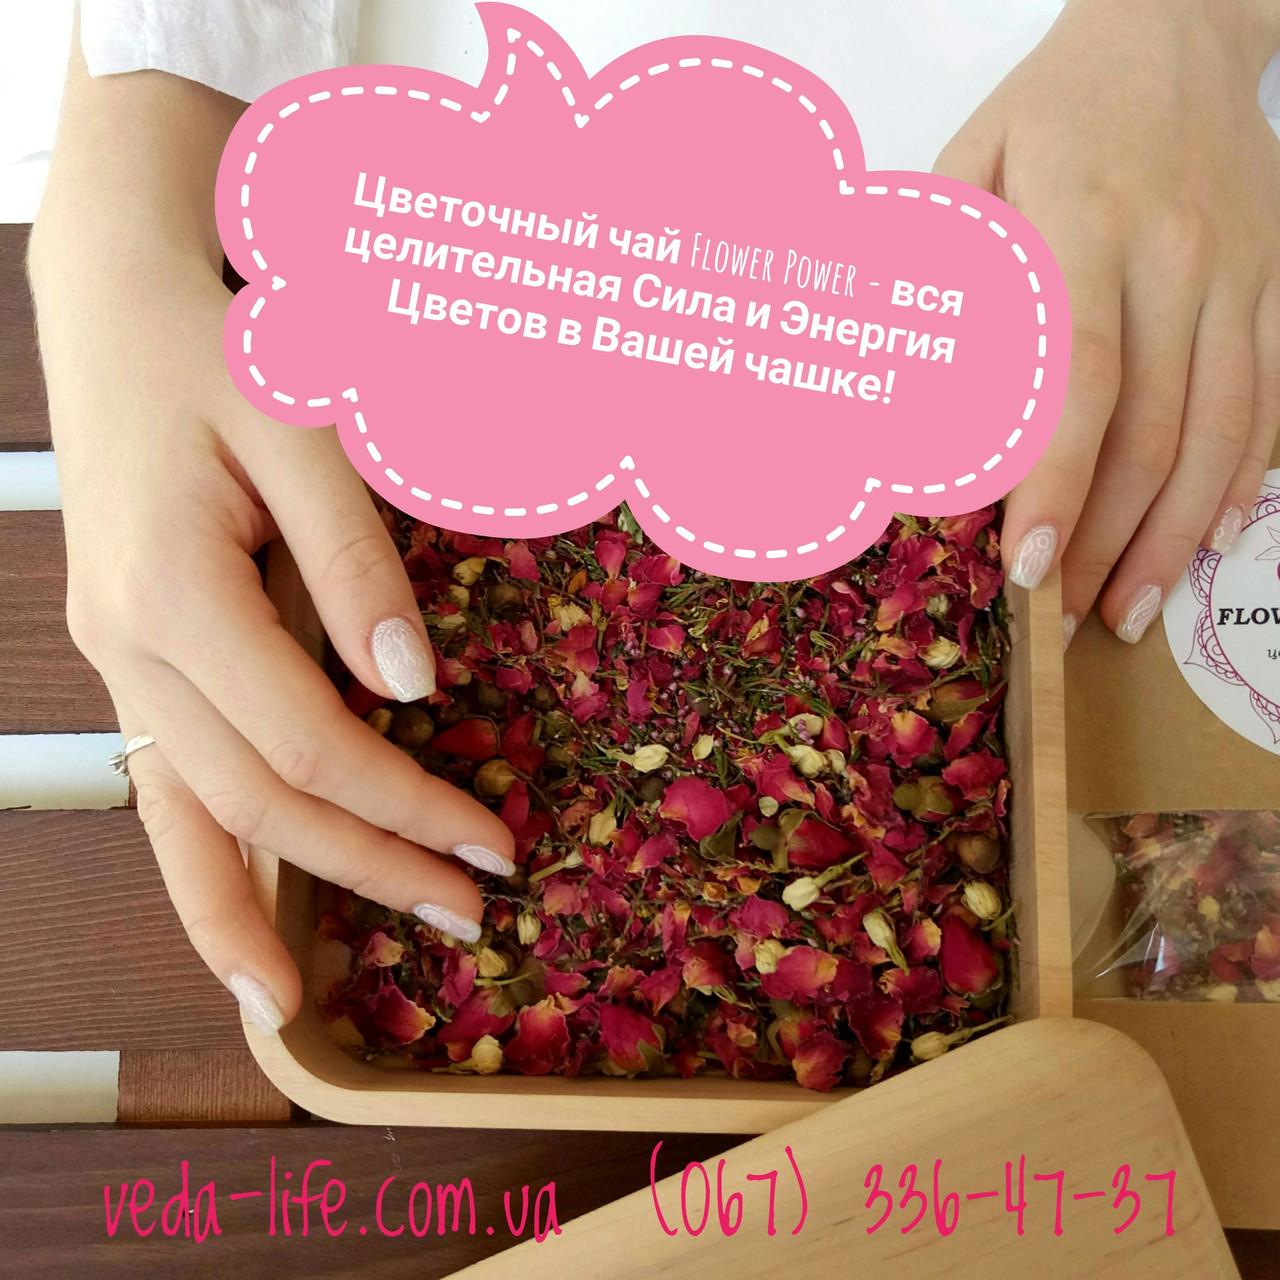 Чай цветочный Flower Power/Сила Цветов ЭКСТРА, цветочная чайная композиция, 15 грамм